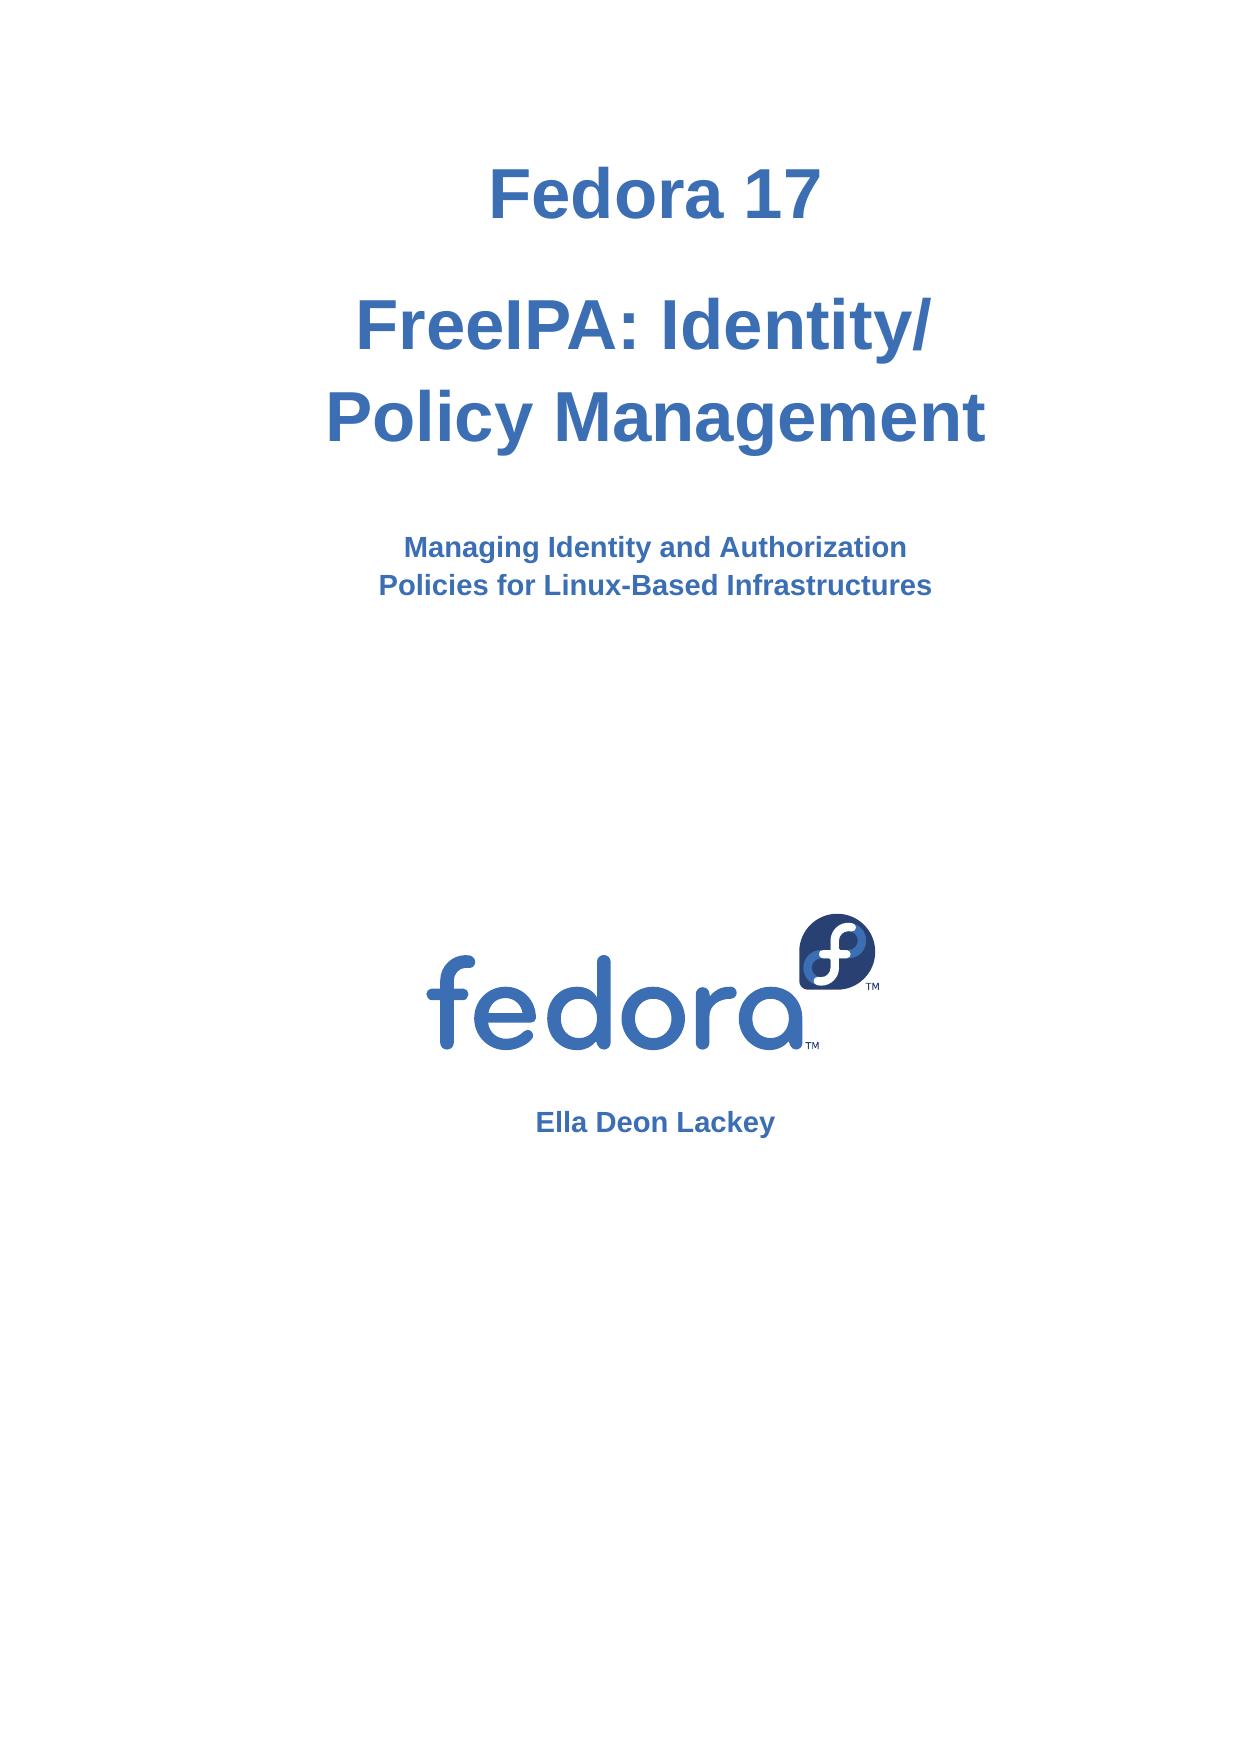 FreeIPA: Identity/Policy Management | manualzz com